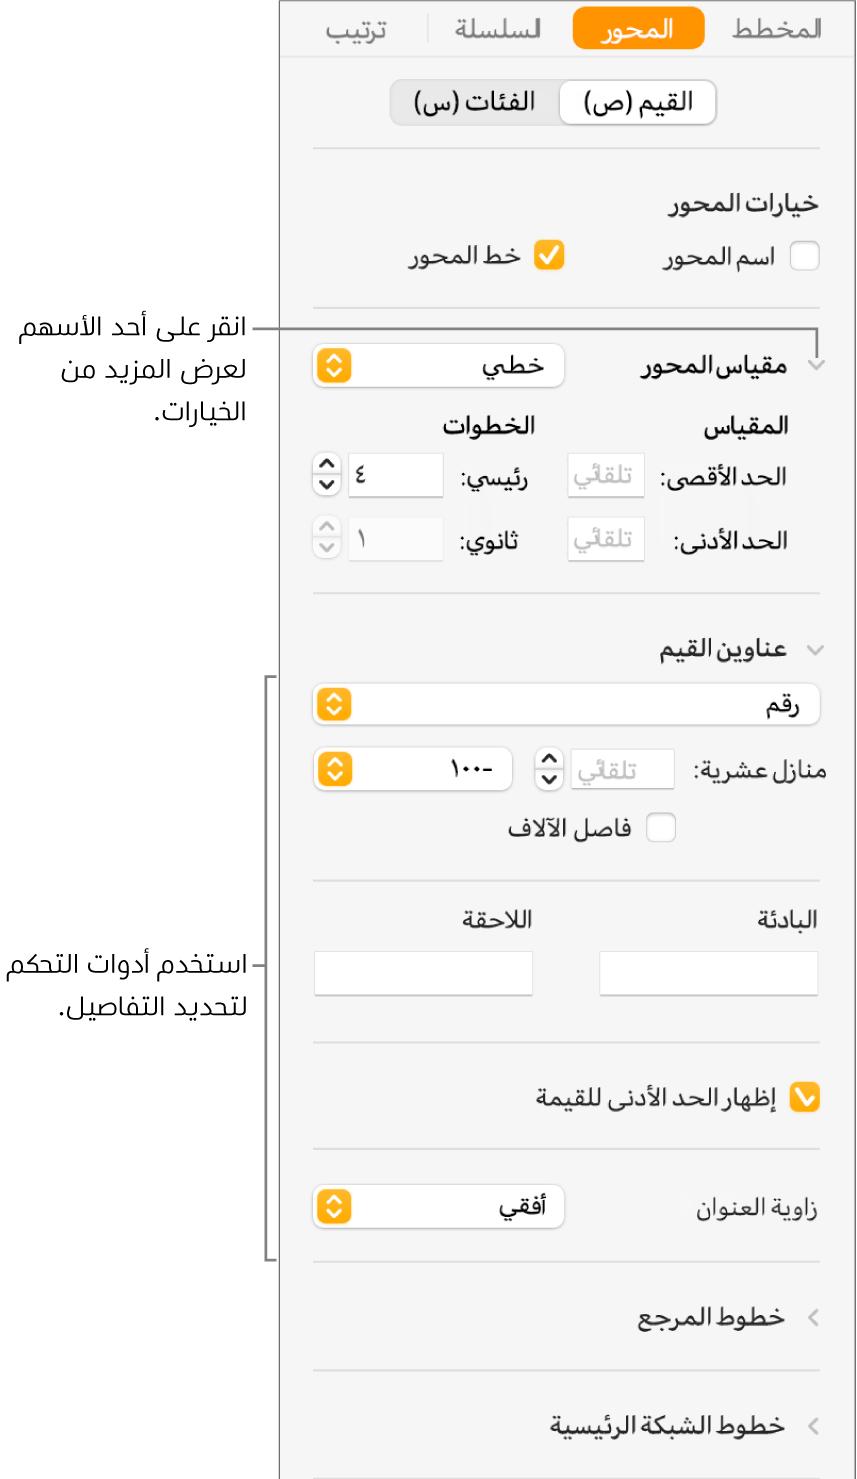 عناصر تحكم لتنسيق علامات محاور المخطط.